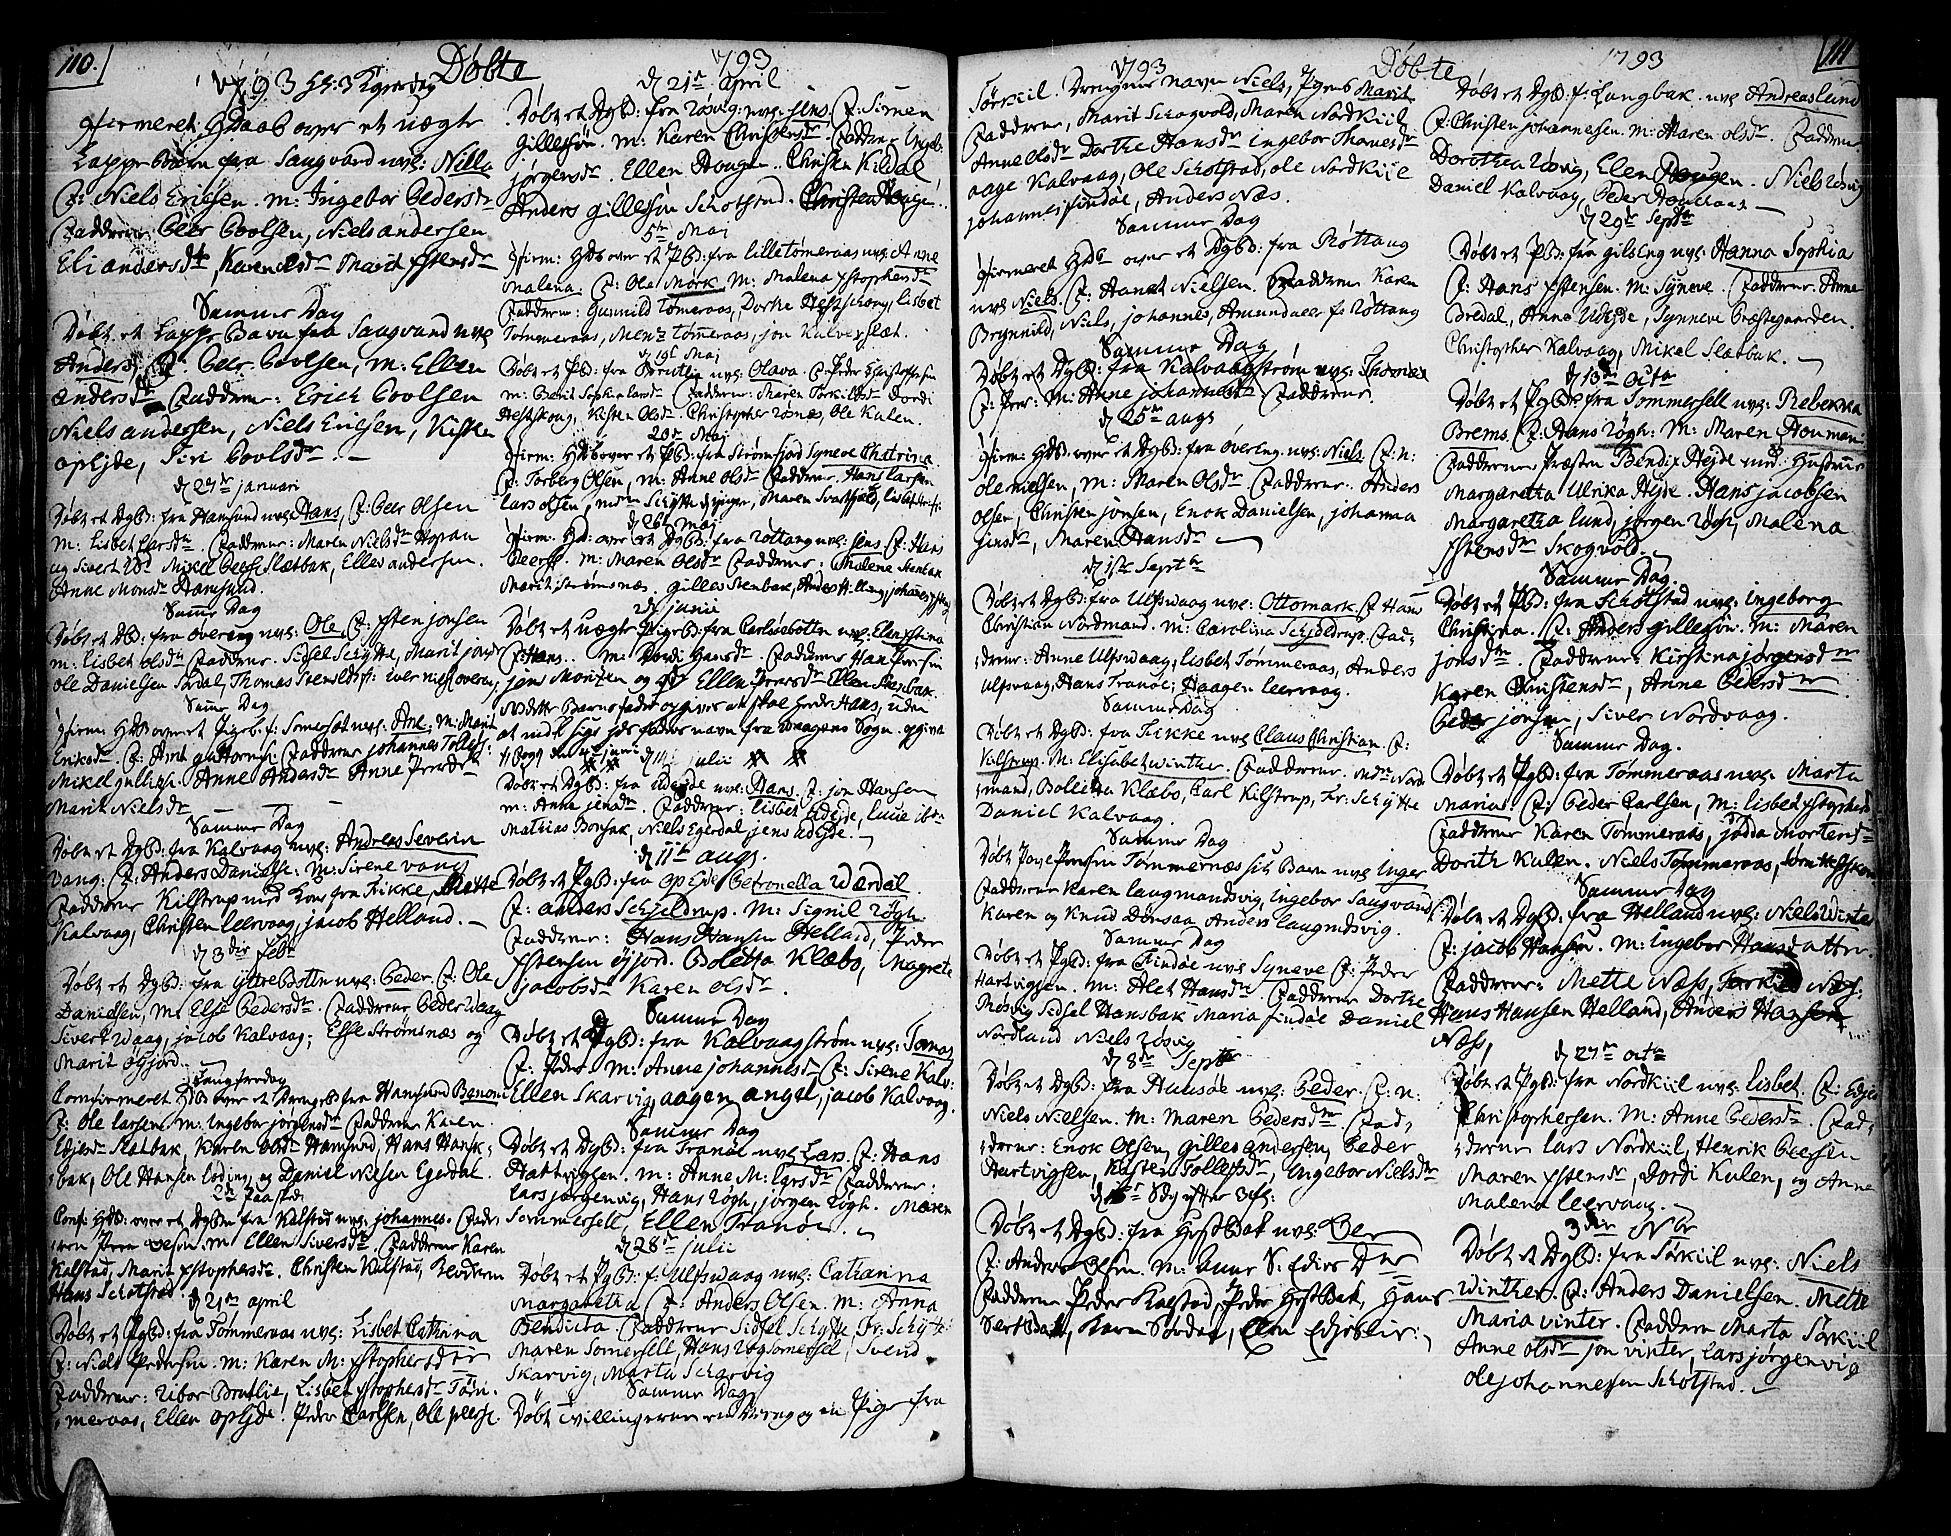 SAT, Ministerialprotokoller, klokkerbøker og fødselsregistre - Nordland, 859/L0841: Parish register (official) no. 859A01, 1766-1821, p. 110-111